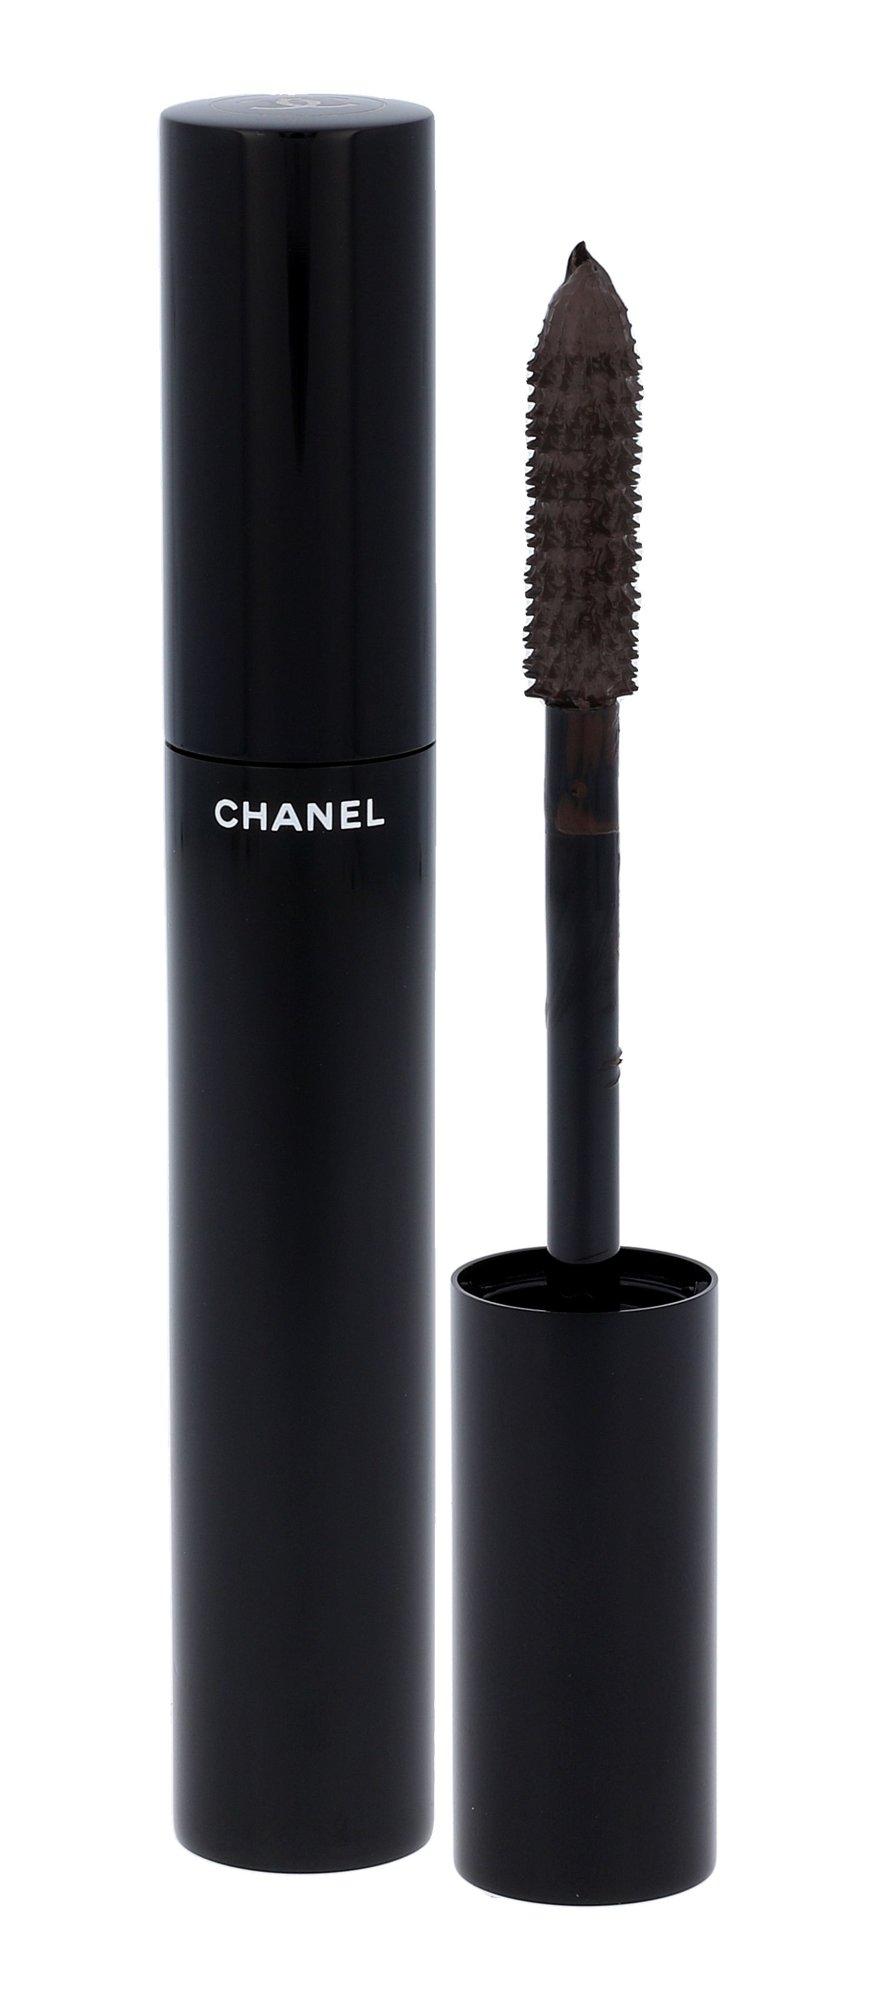 Chanel Le Volume De Chanel Cosmetic 6ml 20 Brun